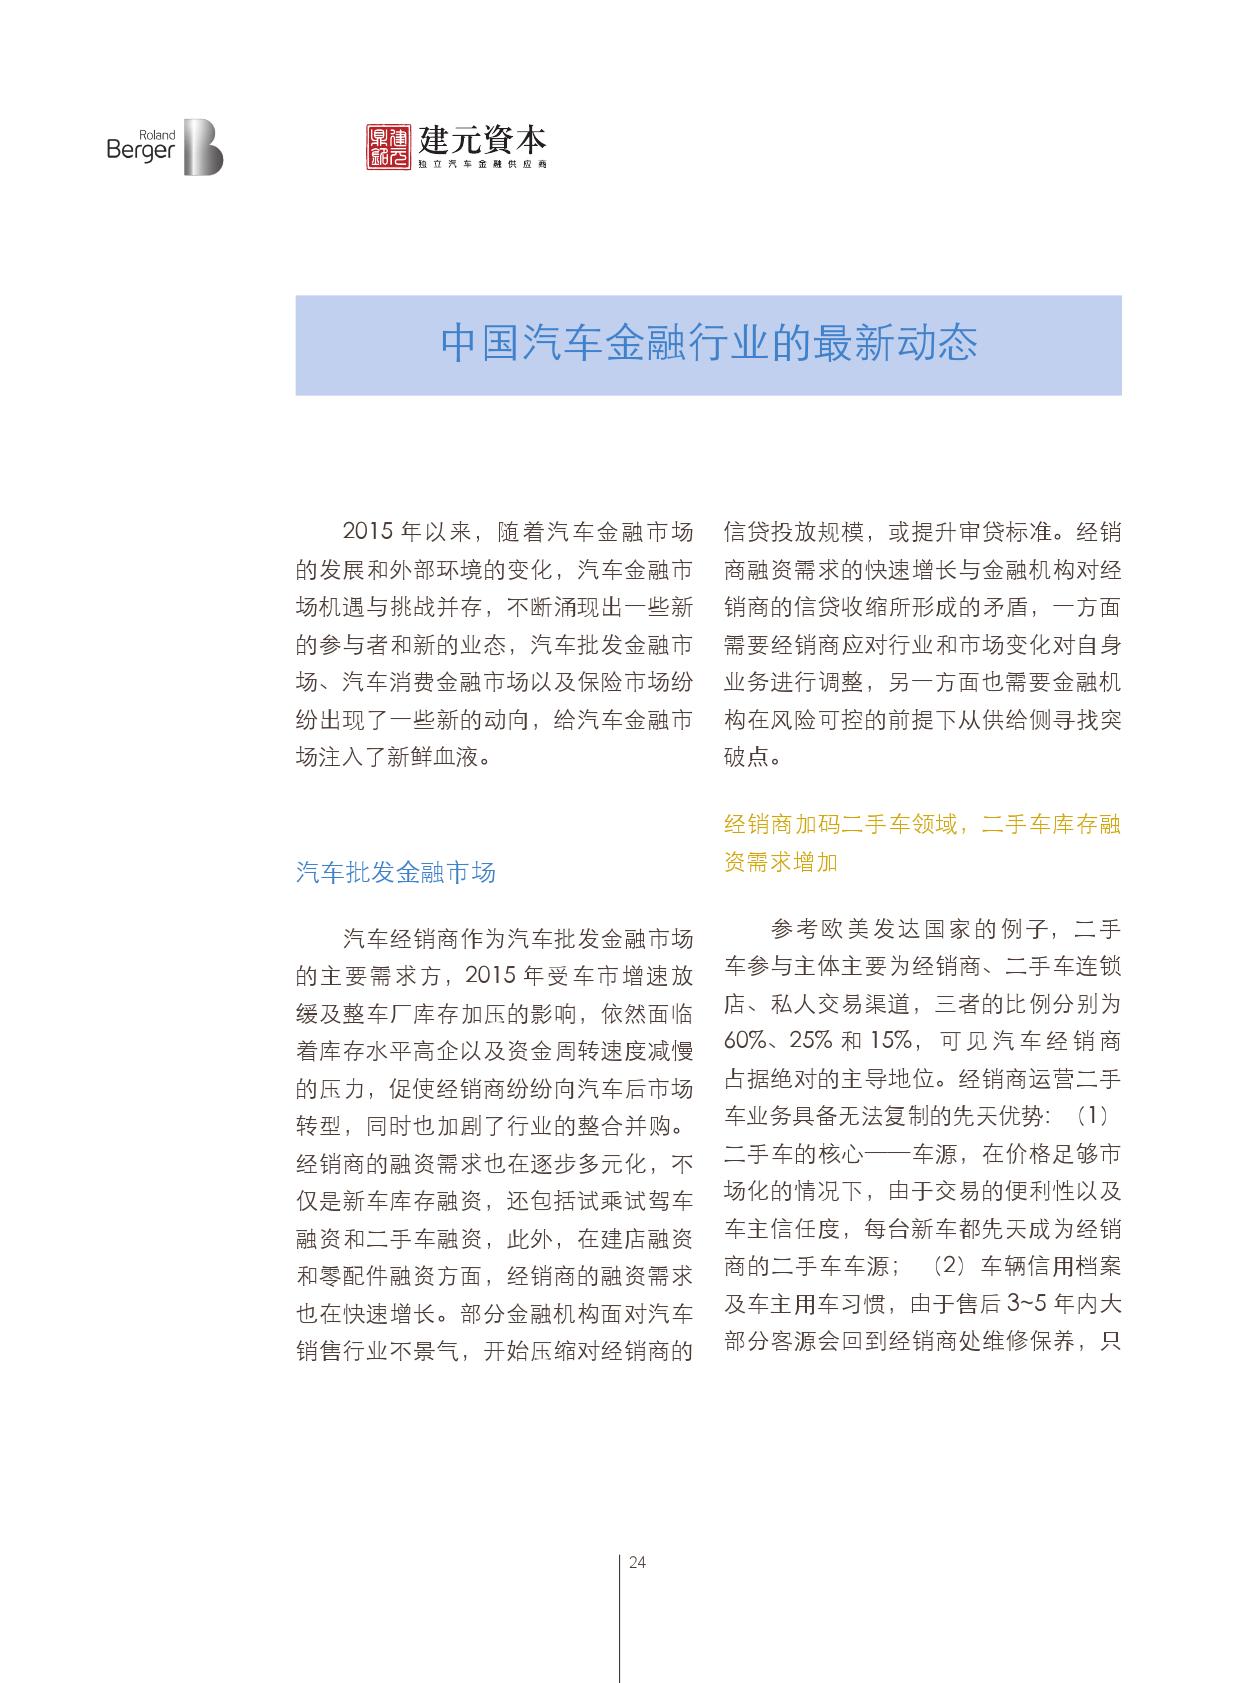 2016中国汽车金融报告_000025